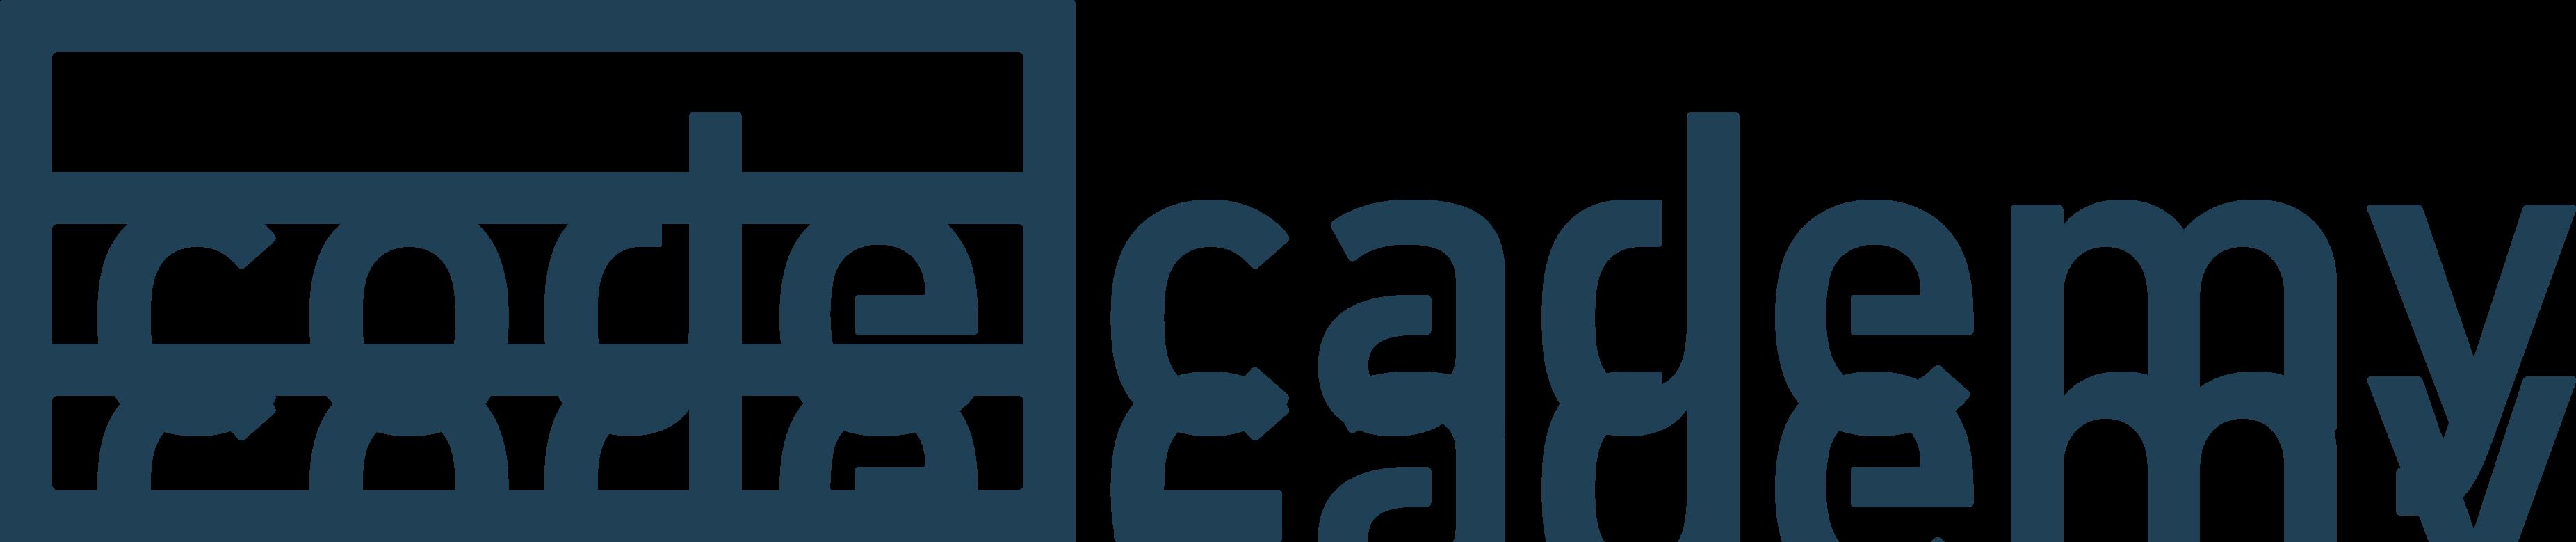 Картинки по запросу codecademy logo